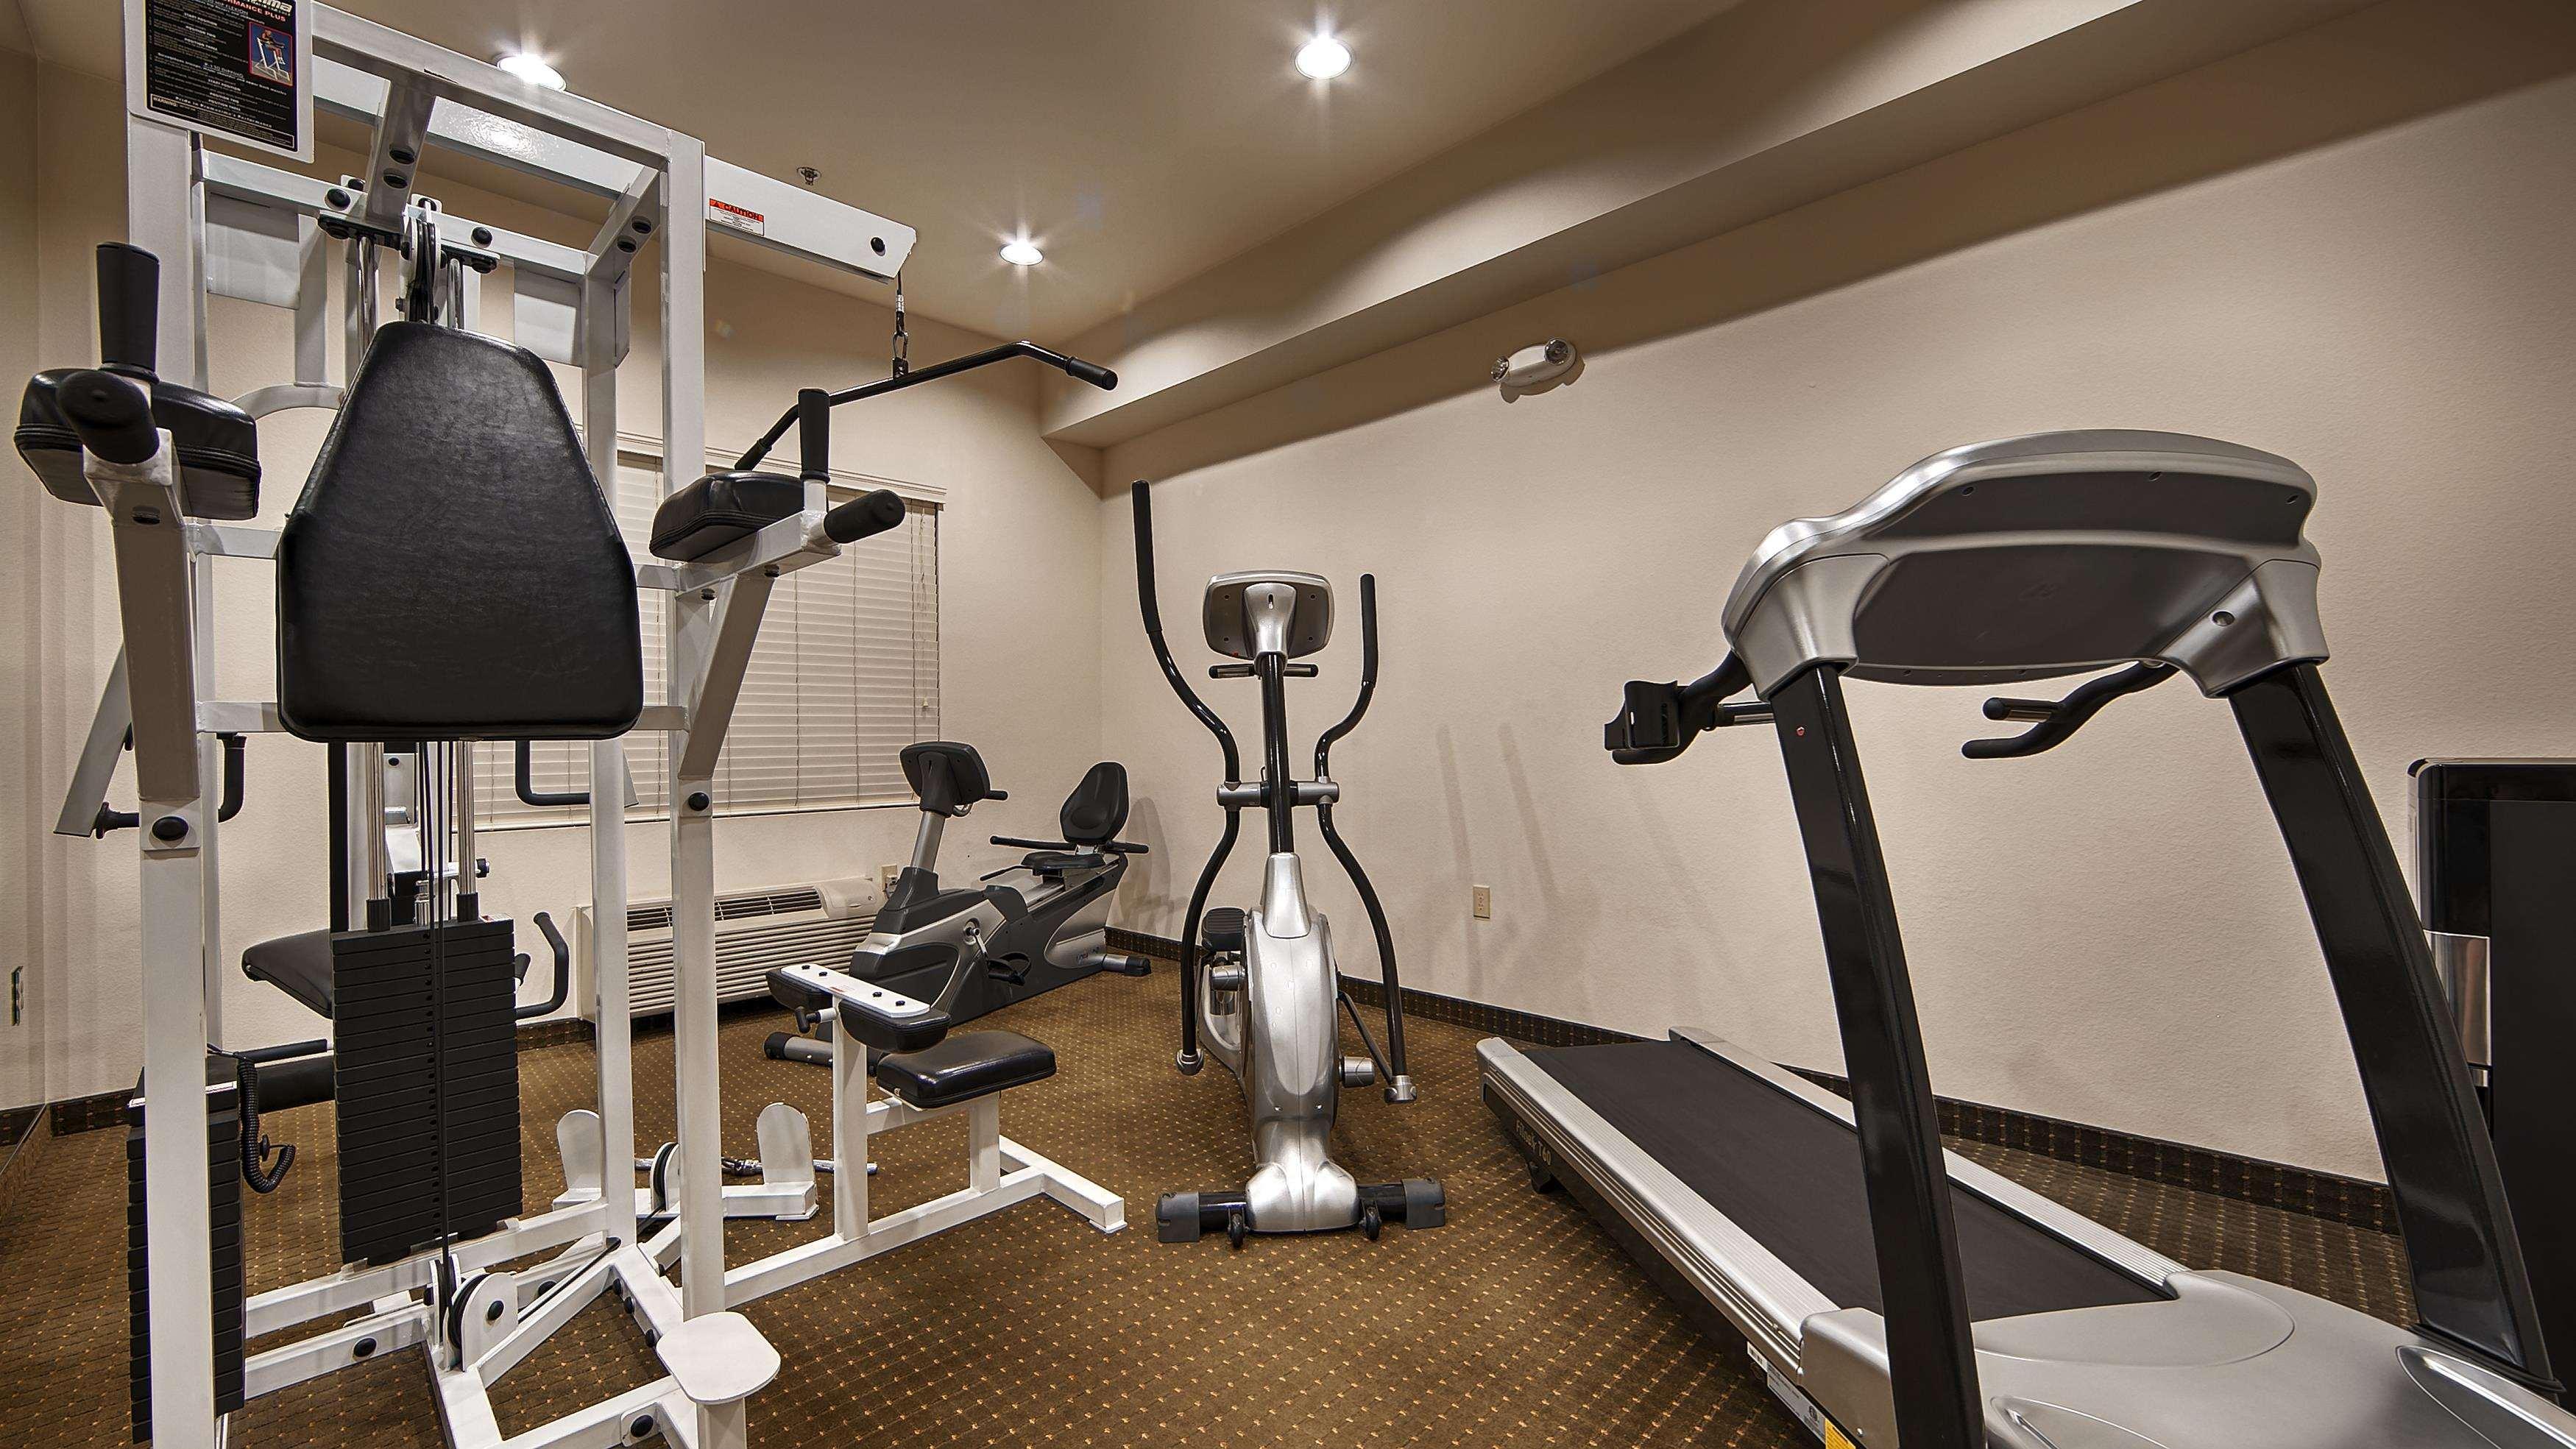 Best Western Plus Lake Elsinore Inn & Suites image 23